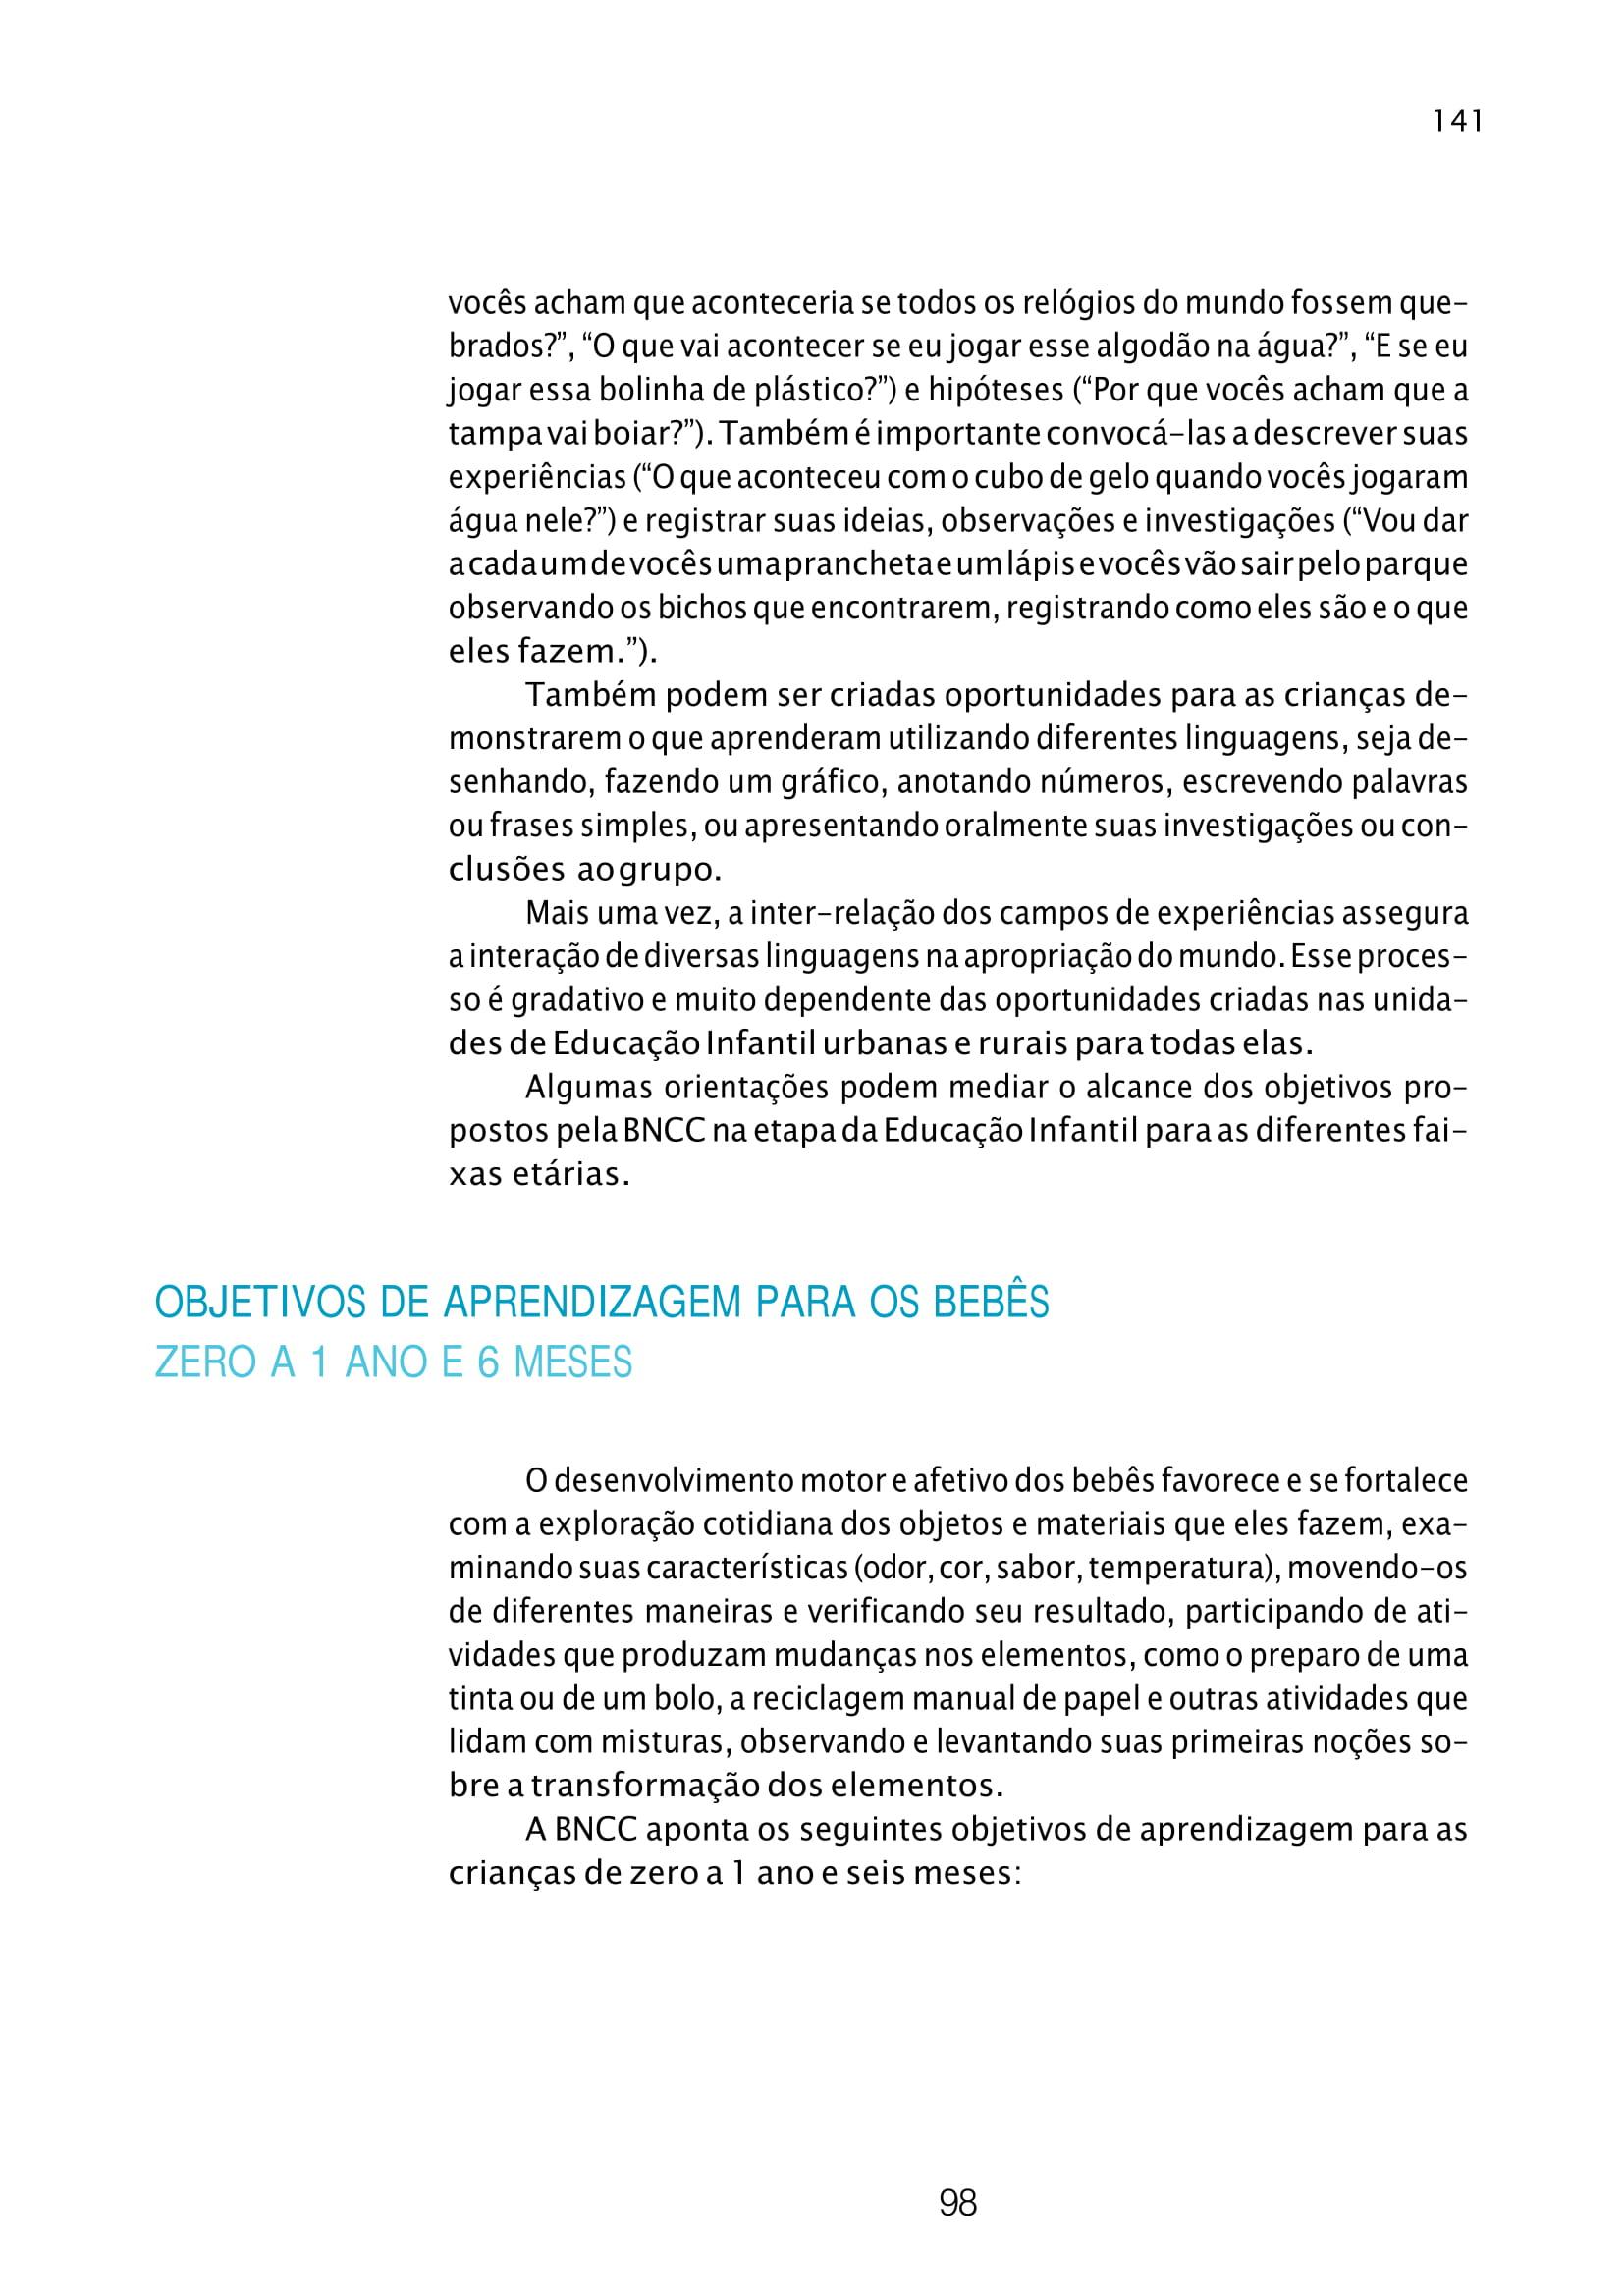 planejamento-educação-infantil-bncc-geral-171